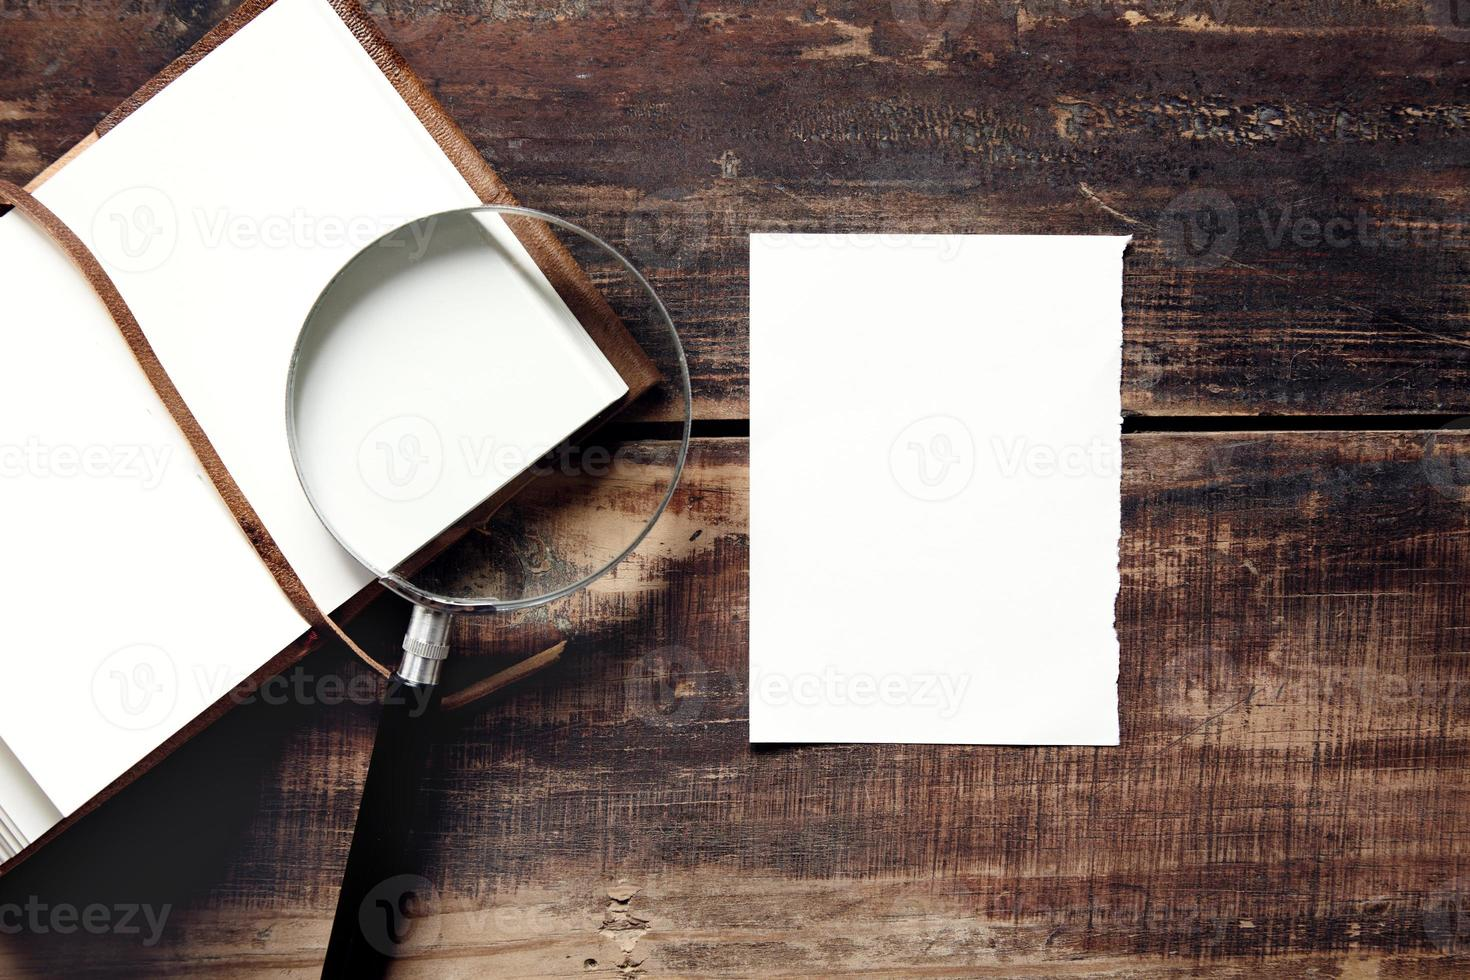 Notizbuch, Blatt Papier und Lupe auf einem Holztisch foto